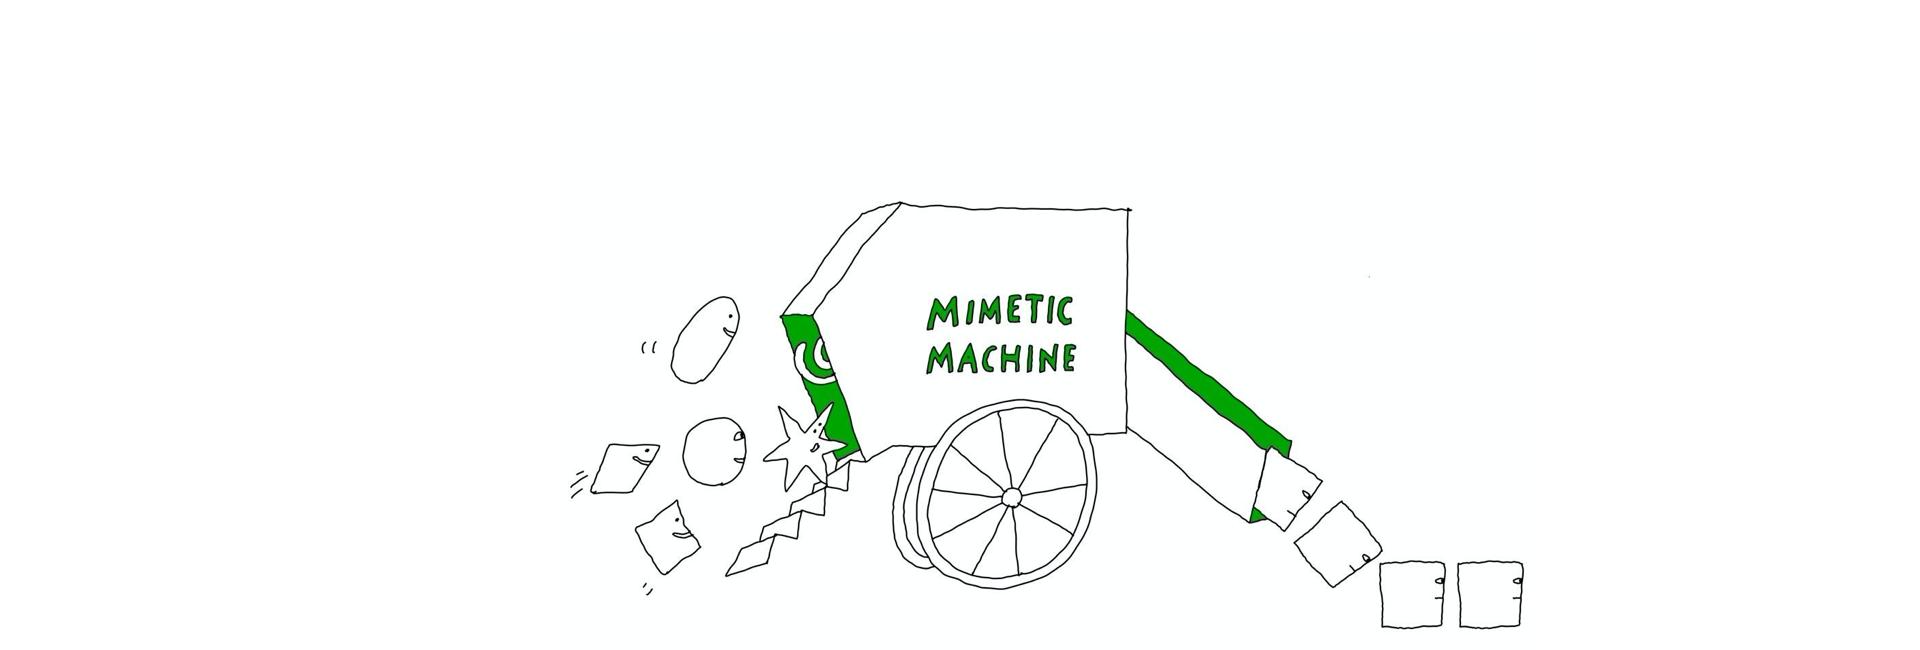 MimeticMachineHero